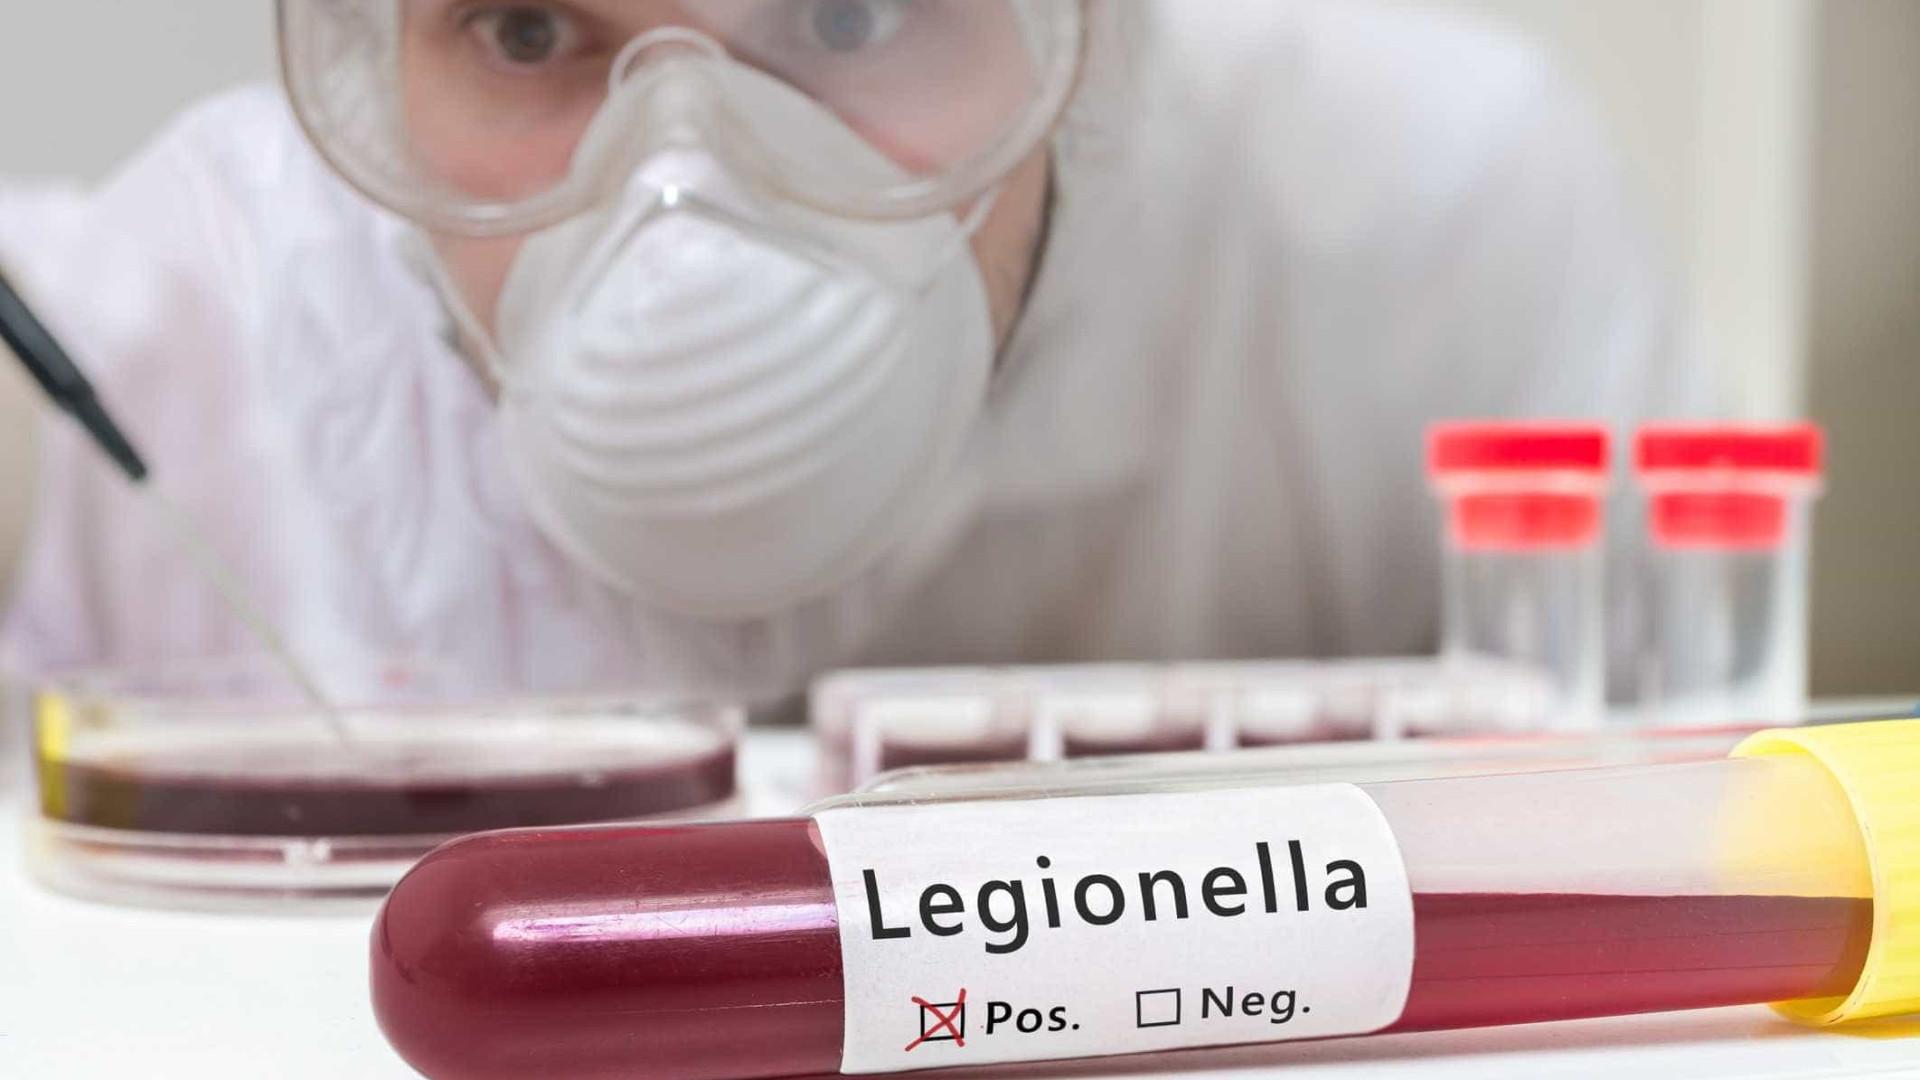 Número de infetados com Legionella volta a subir. São já 50 casos